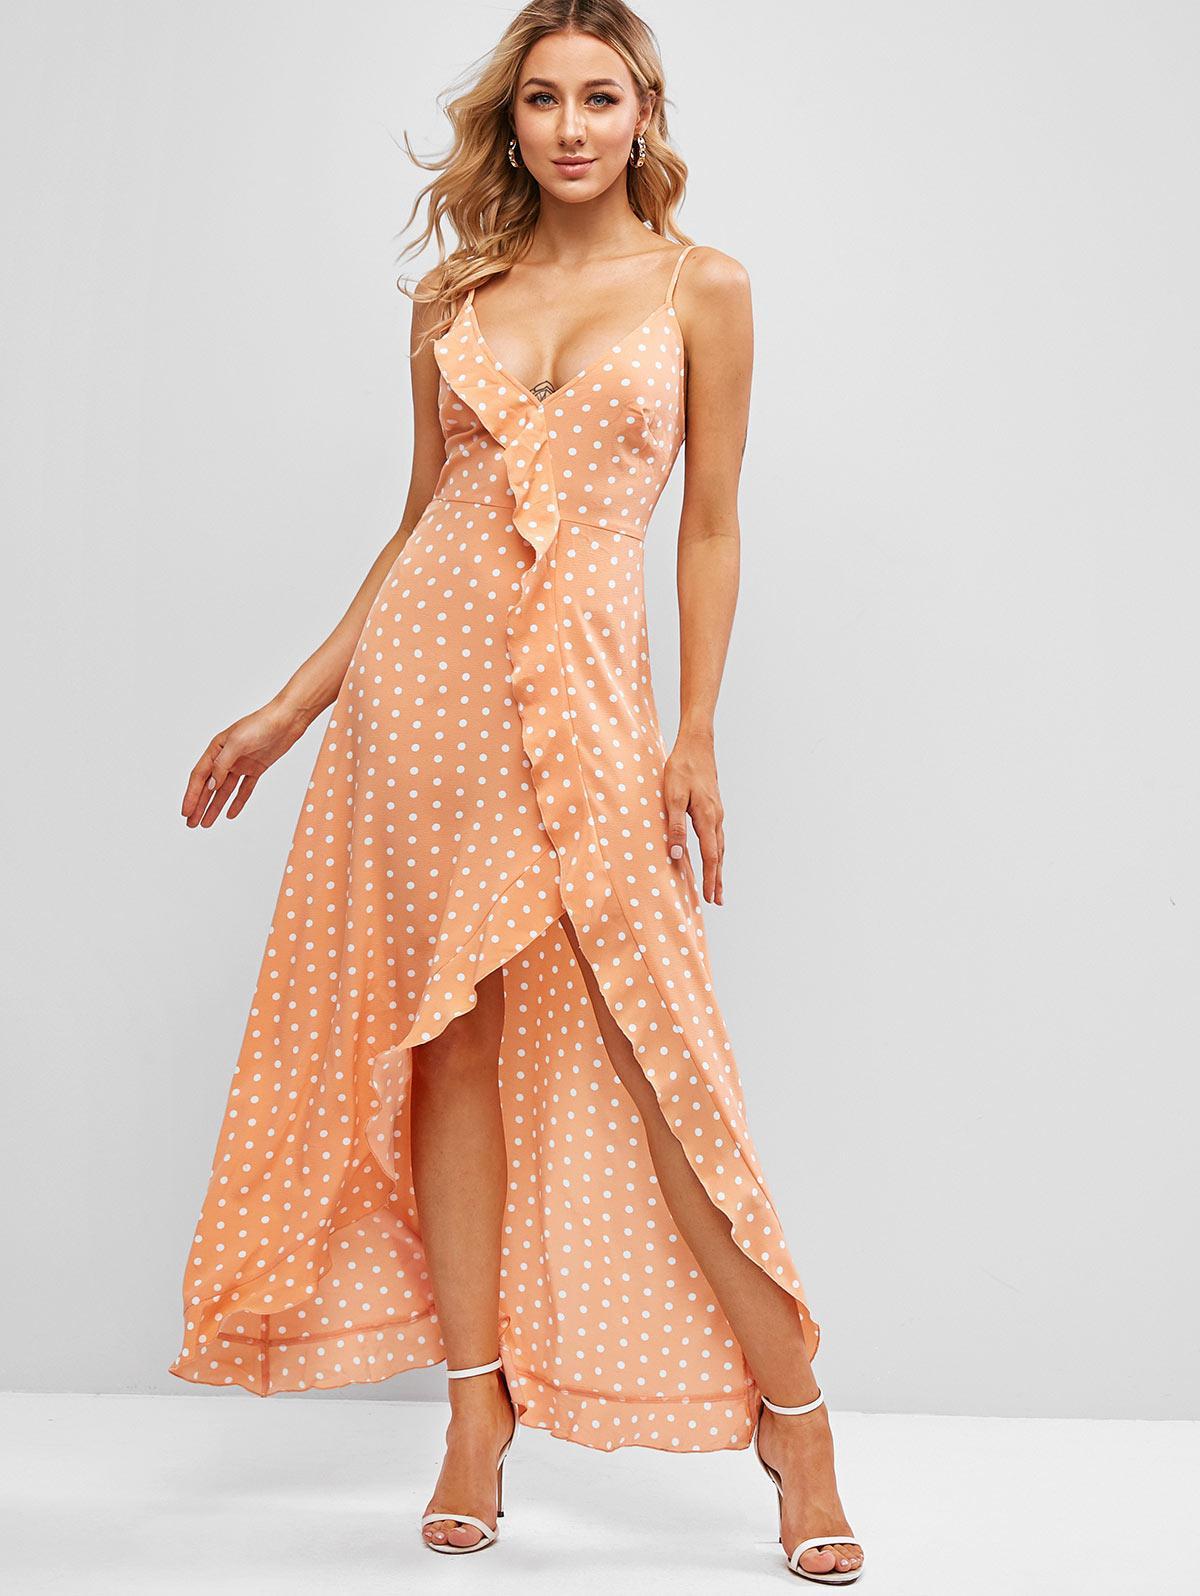 ZAFUL Polka Dot Ruffle Slit Maxi Cutout Cami Dress